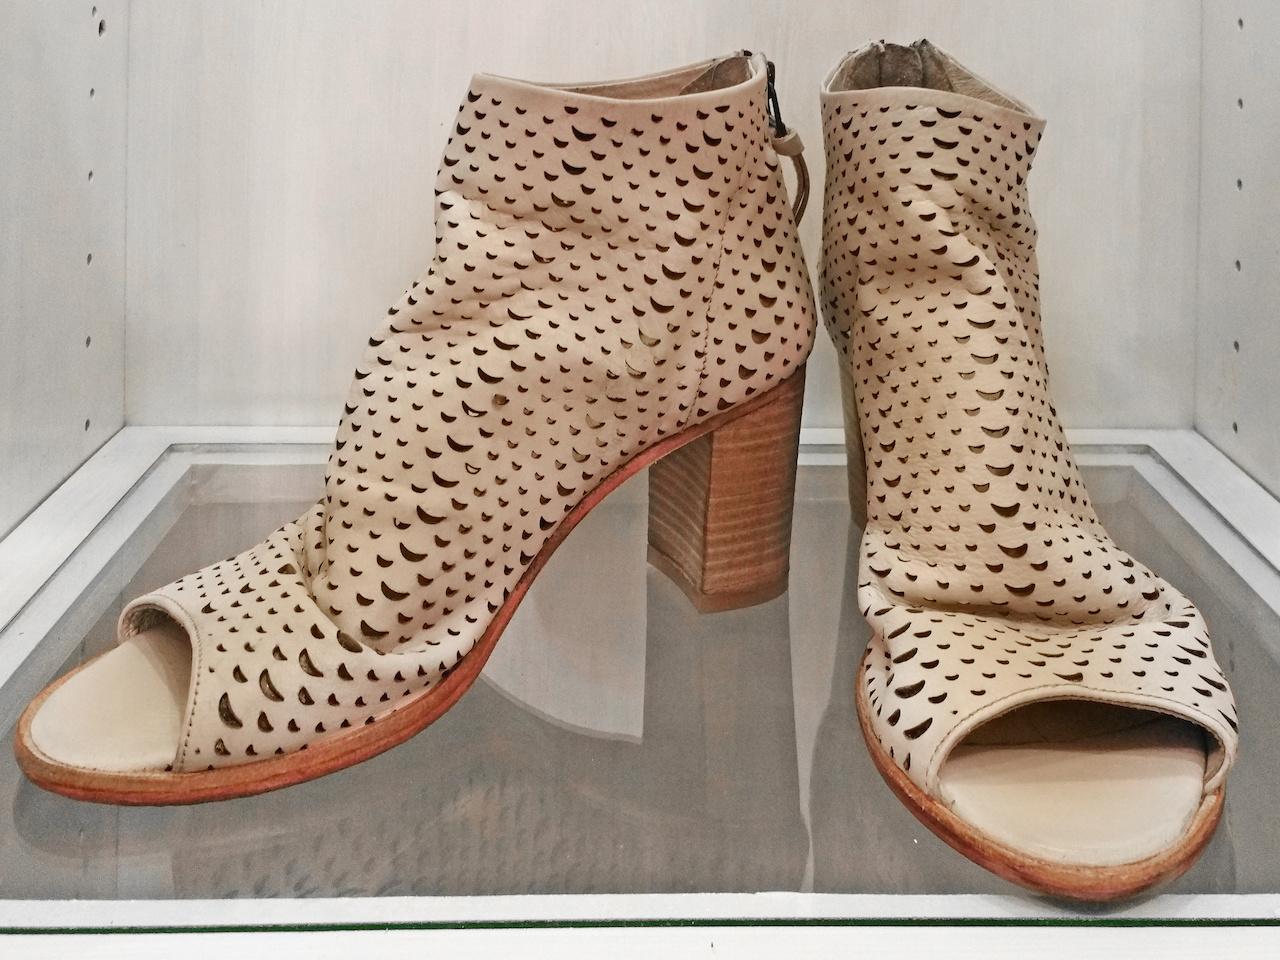 Laser-cut, peep-toe nude heel, $180, at Theadora Abbeyluxe